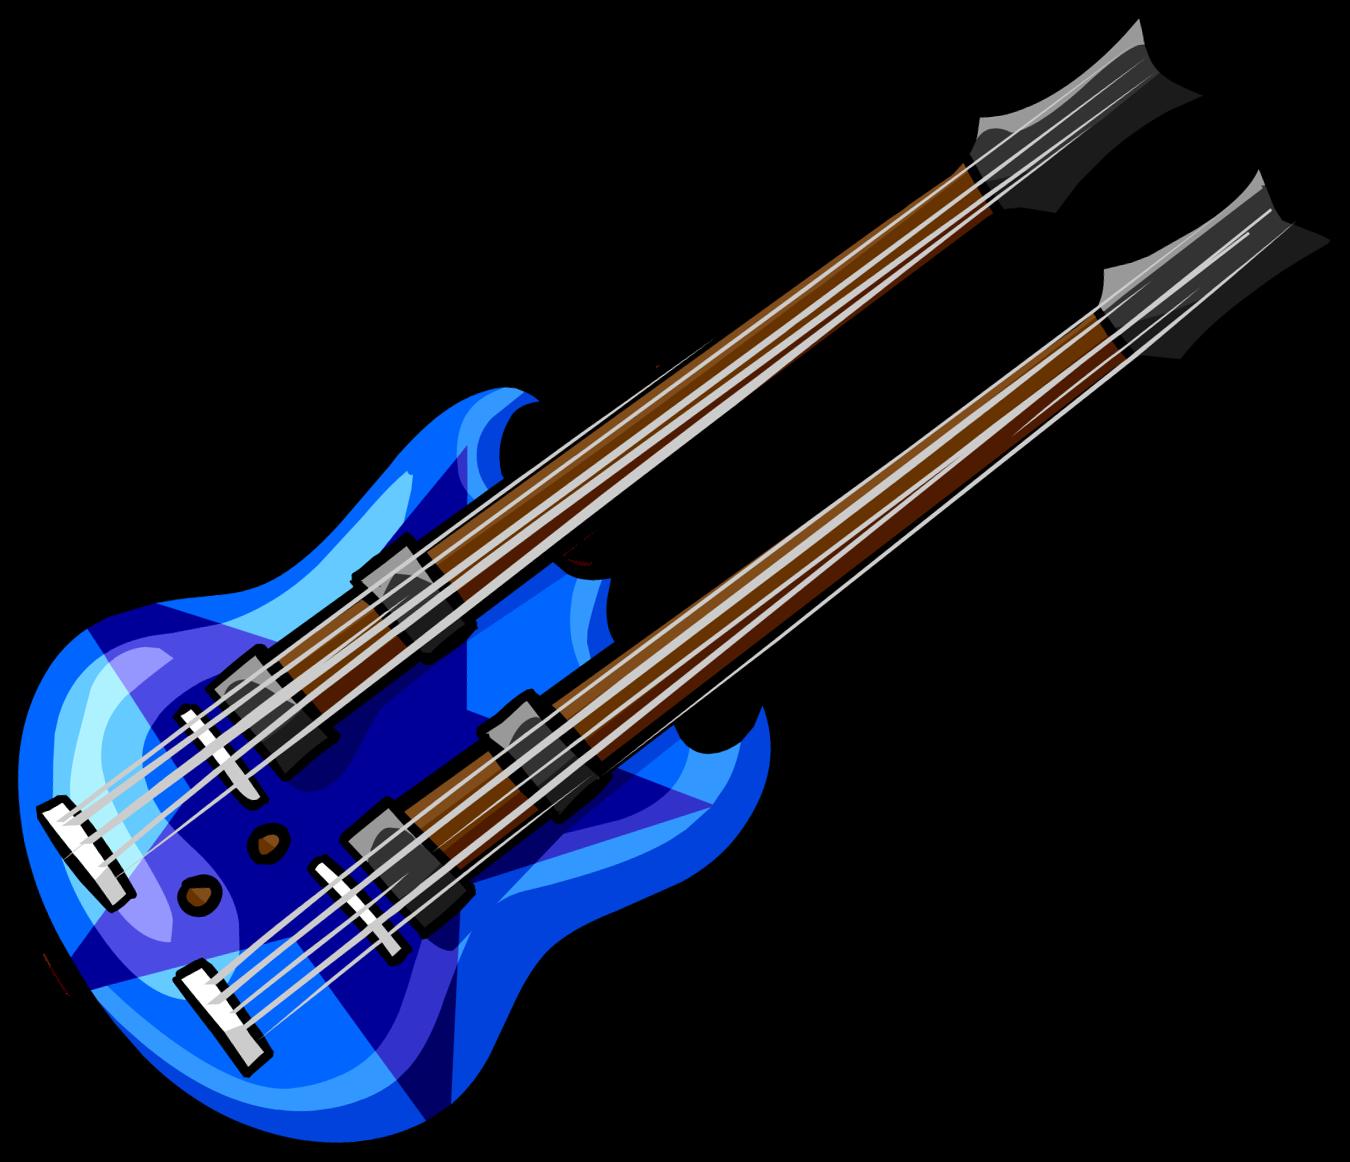 Blue Double Guitar